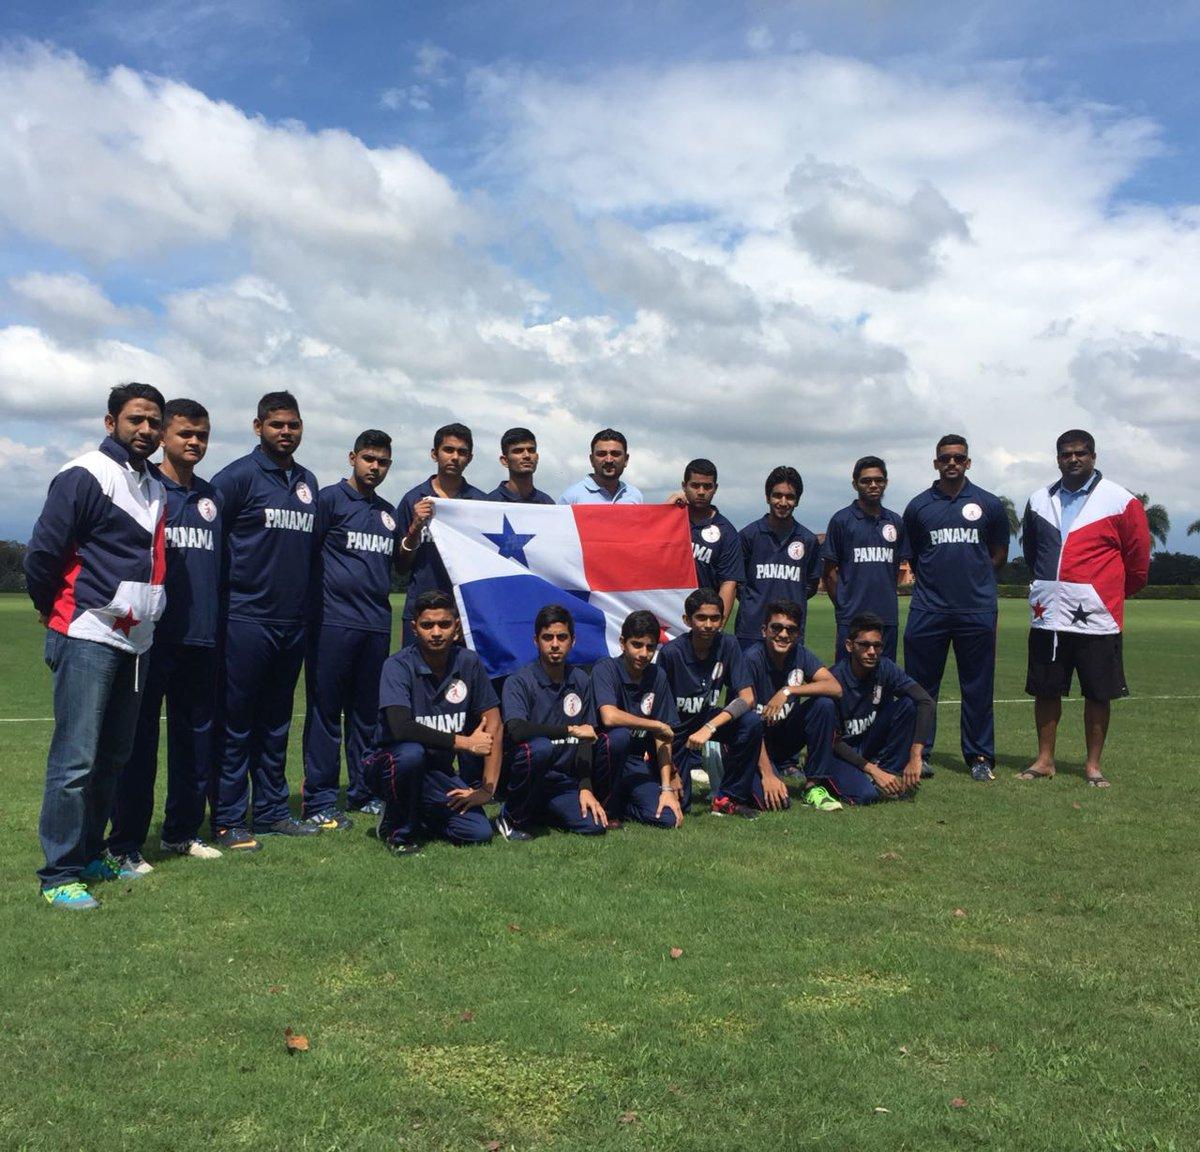 Cricket Panama On Twitter Ya Estamos Instalados En Costa Rica El Salvador Vs Panama Centroamericanosub 19